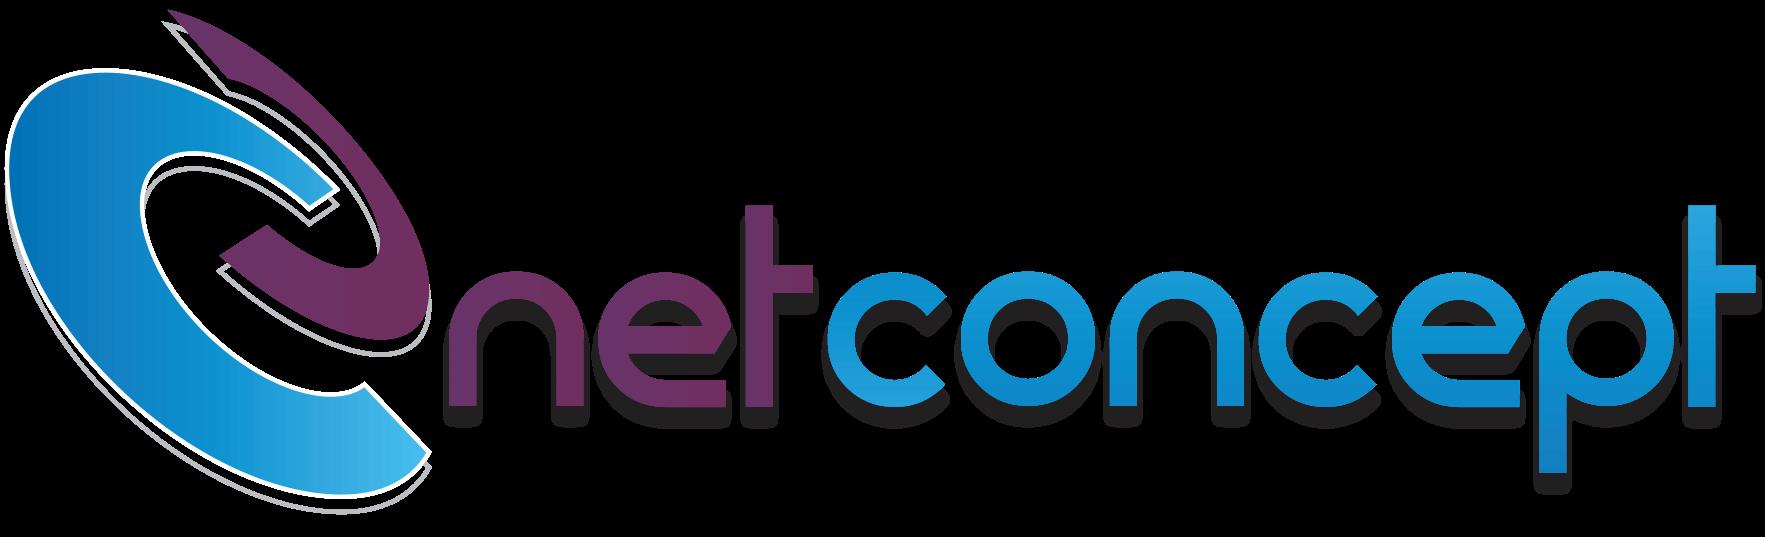 Logo Netconcept